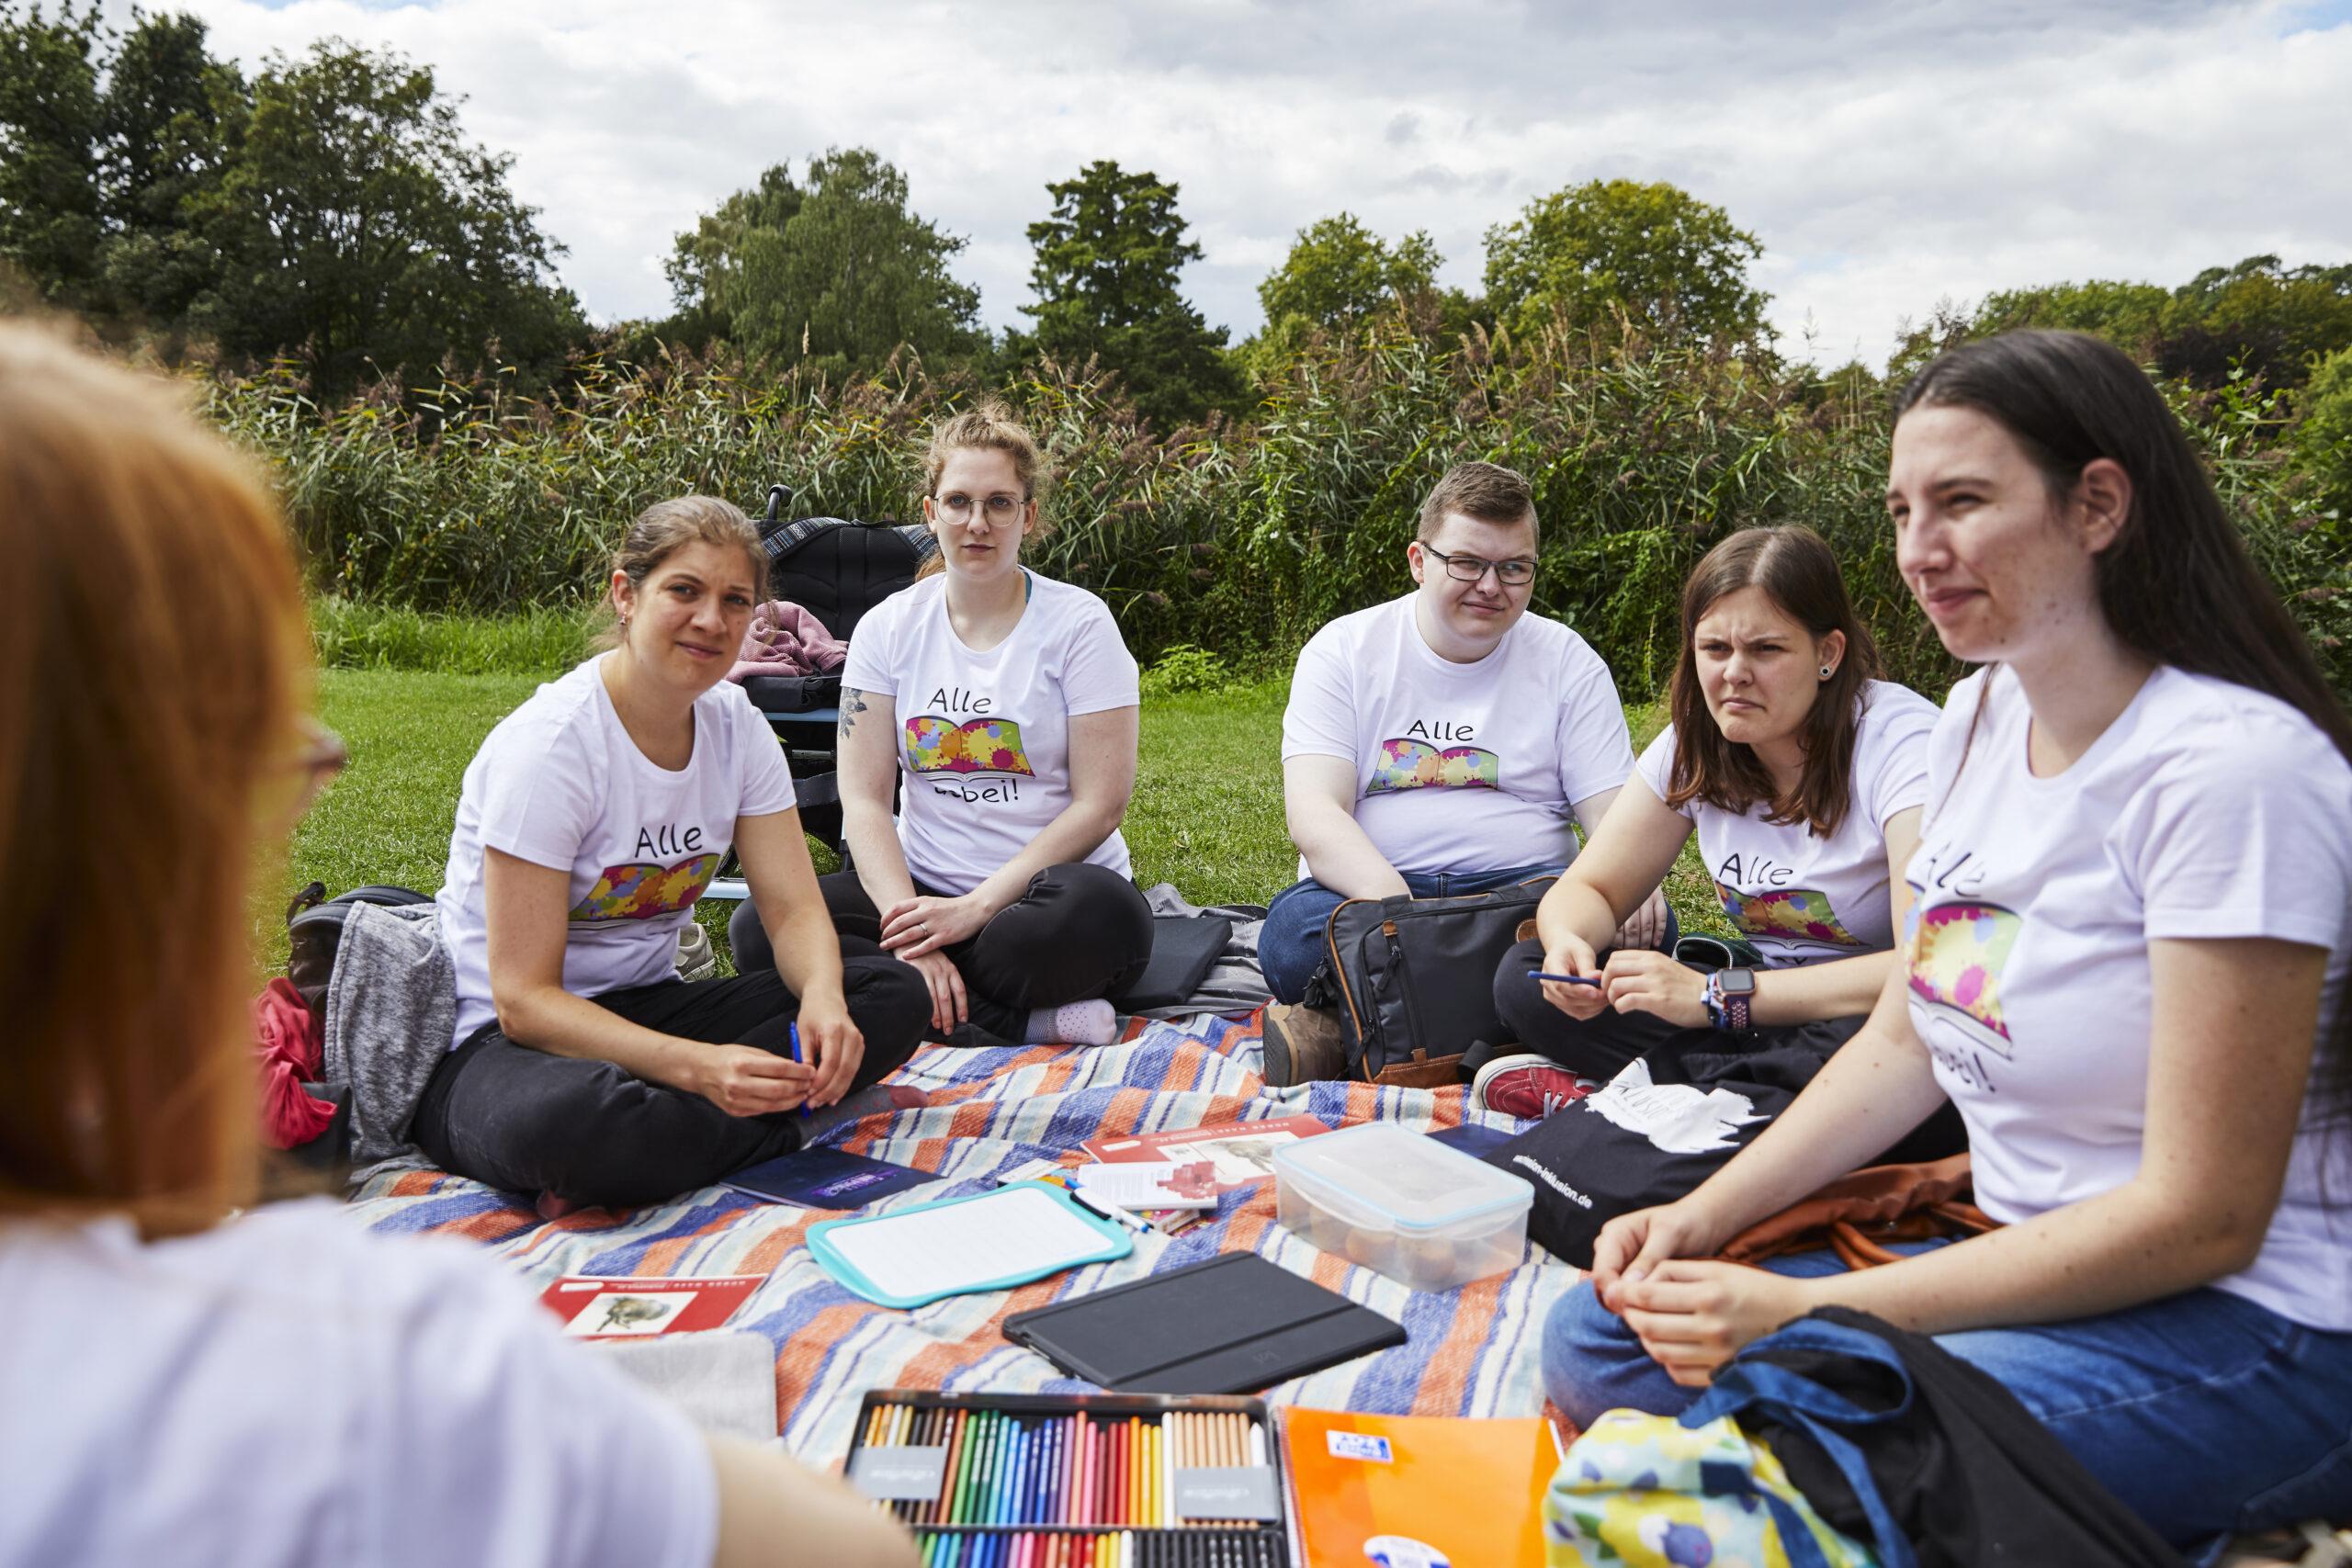 """Das Bild zeigt fünf junge Menschen mit und ohne Behinderung, die auf einer Decke auf einer Wiese sitzen. Alle tragen T-Shirts mit der Aufschrift """"Alle dabei"""" © Servicestelle Jugendbeteiligung / Aktion Mensch I Anna Spindelndreier"""